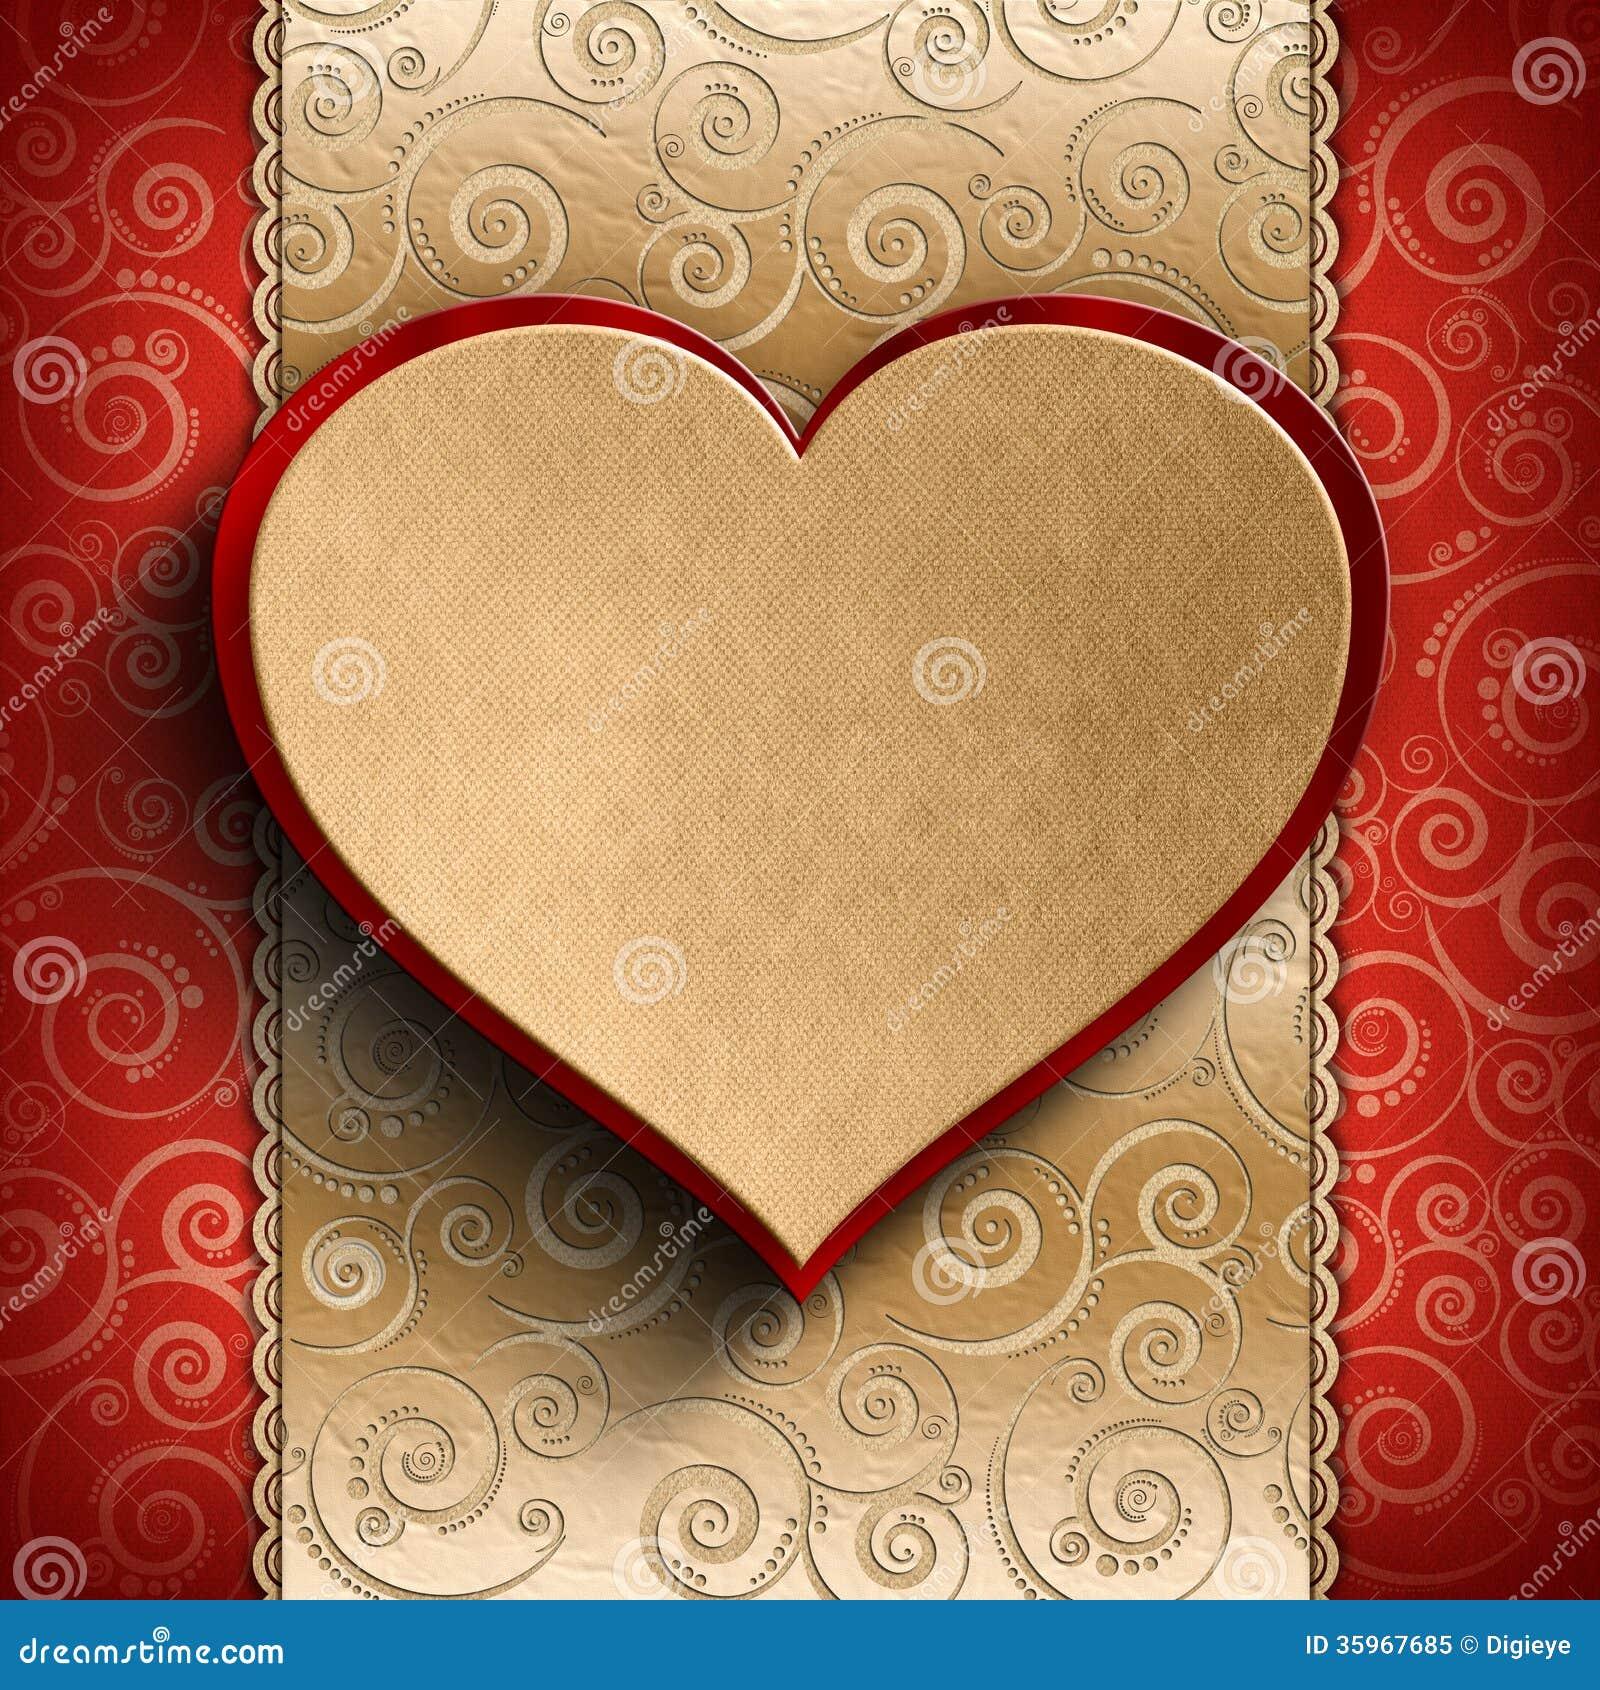 Fondo del día de tarjeta del día de San Valentín - tarjeta de felicitación